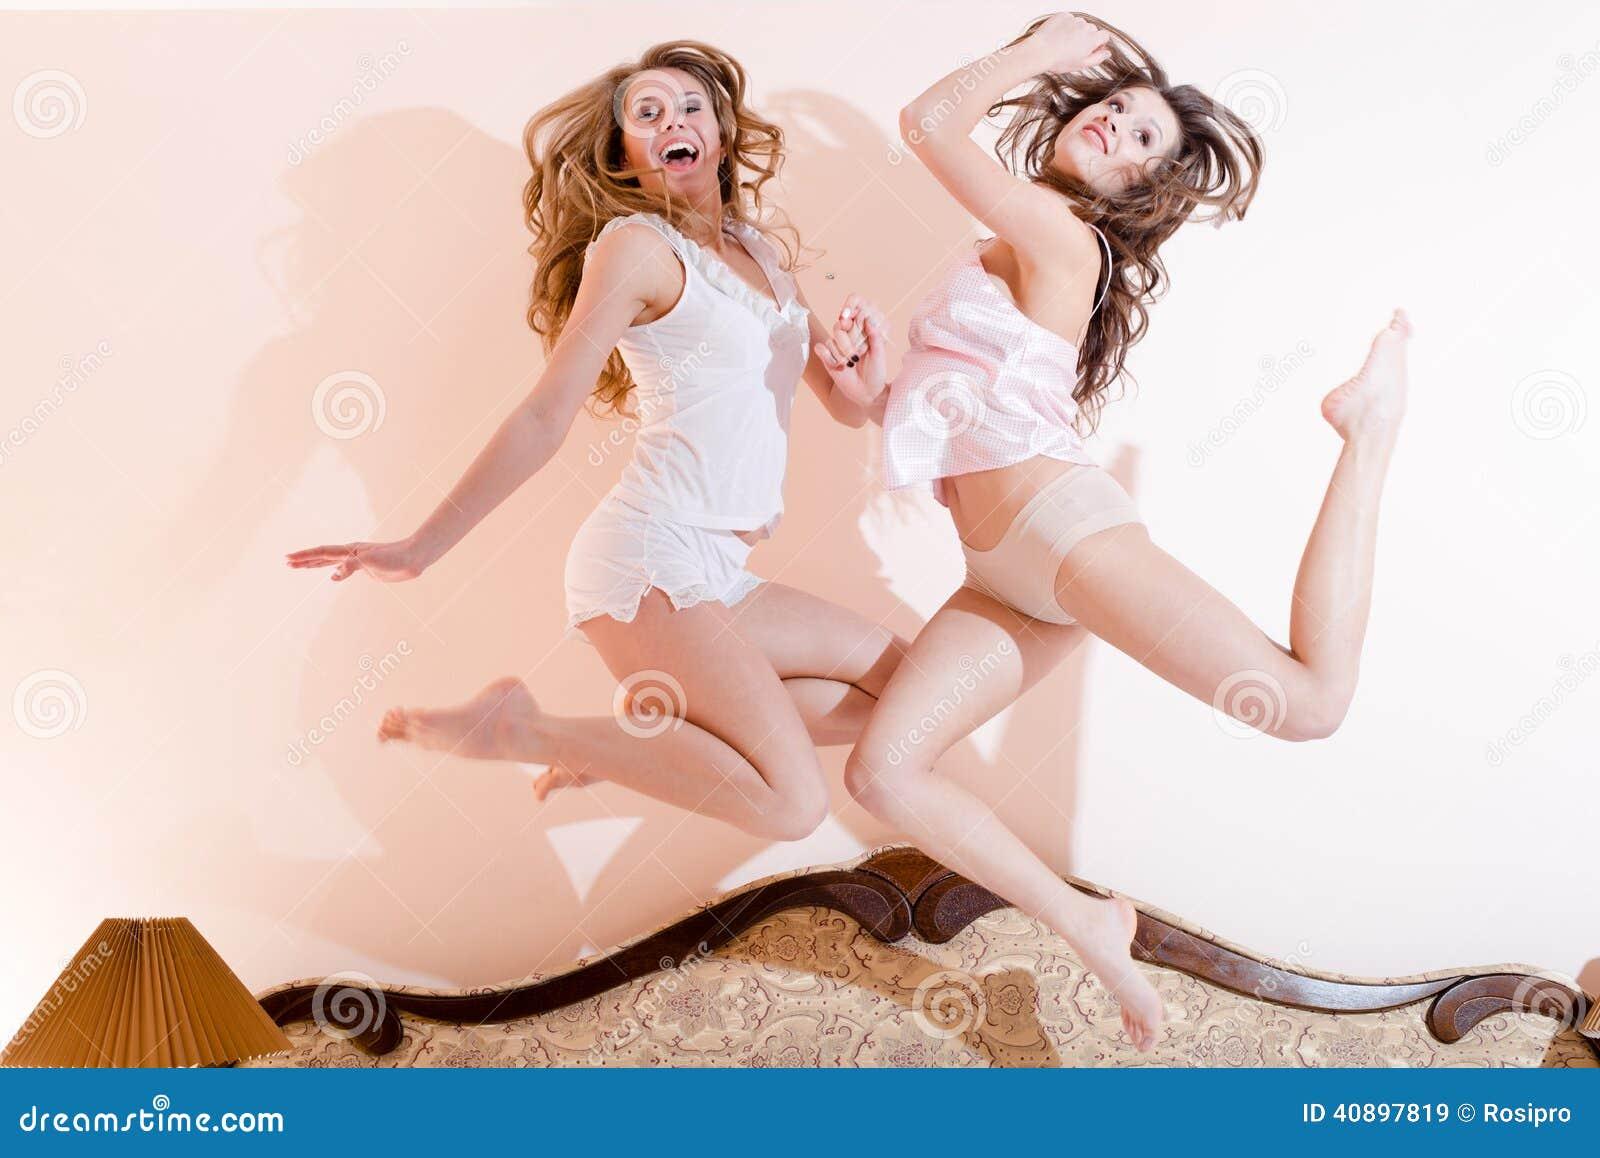 Salto felice 2 donne sexy delle belle ragazze divertenti divertendosi stupore di salto o - Fantasie delle donne a letto ...